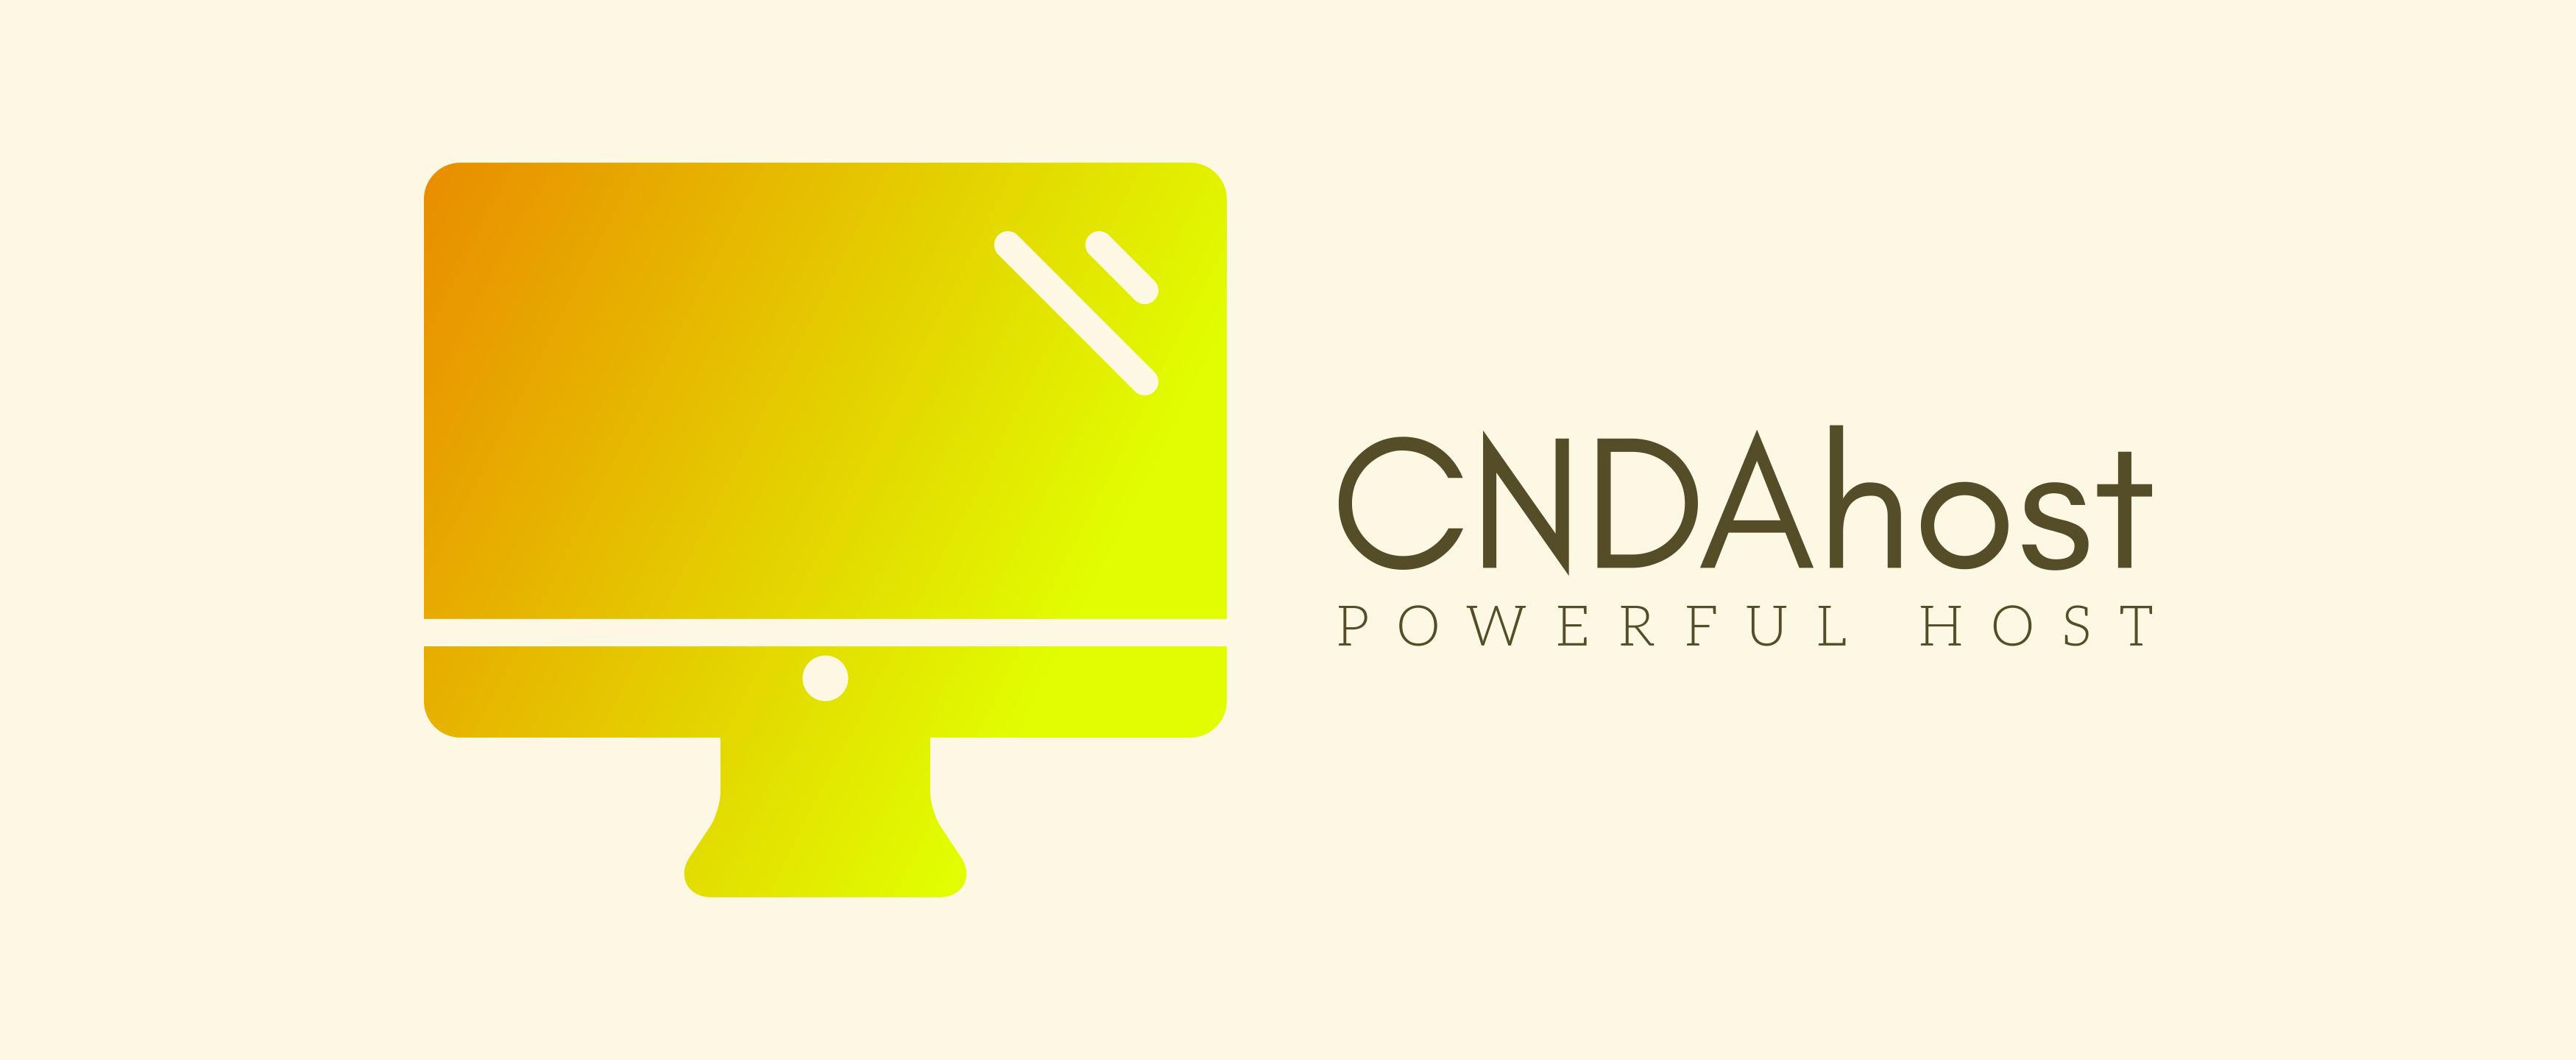 CNDA Host